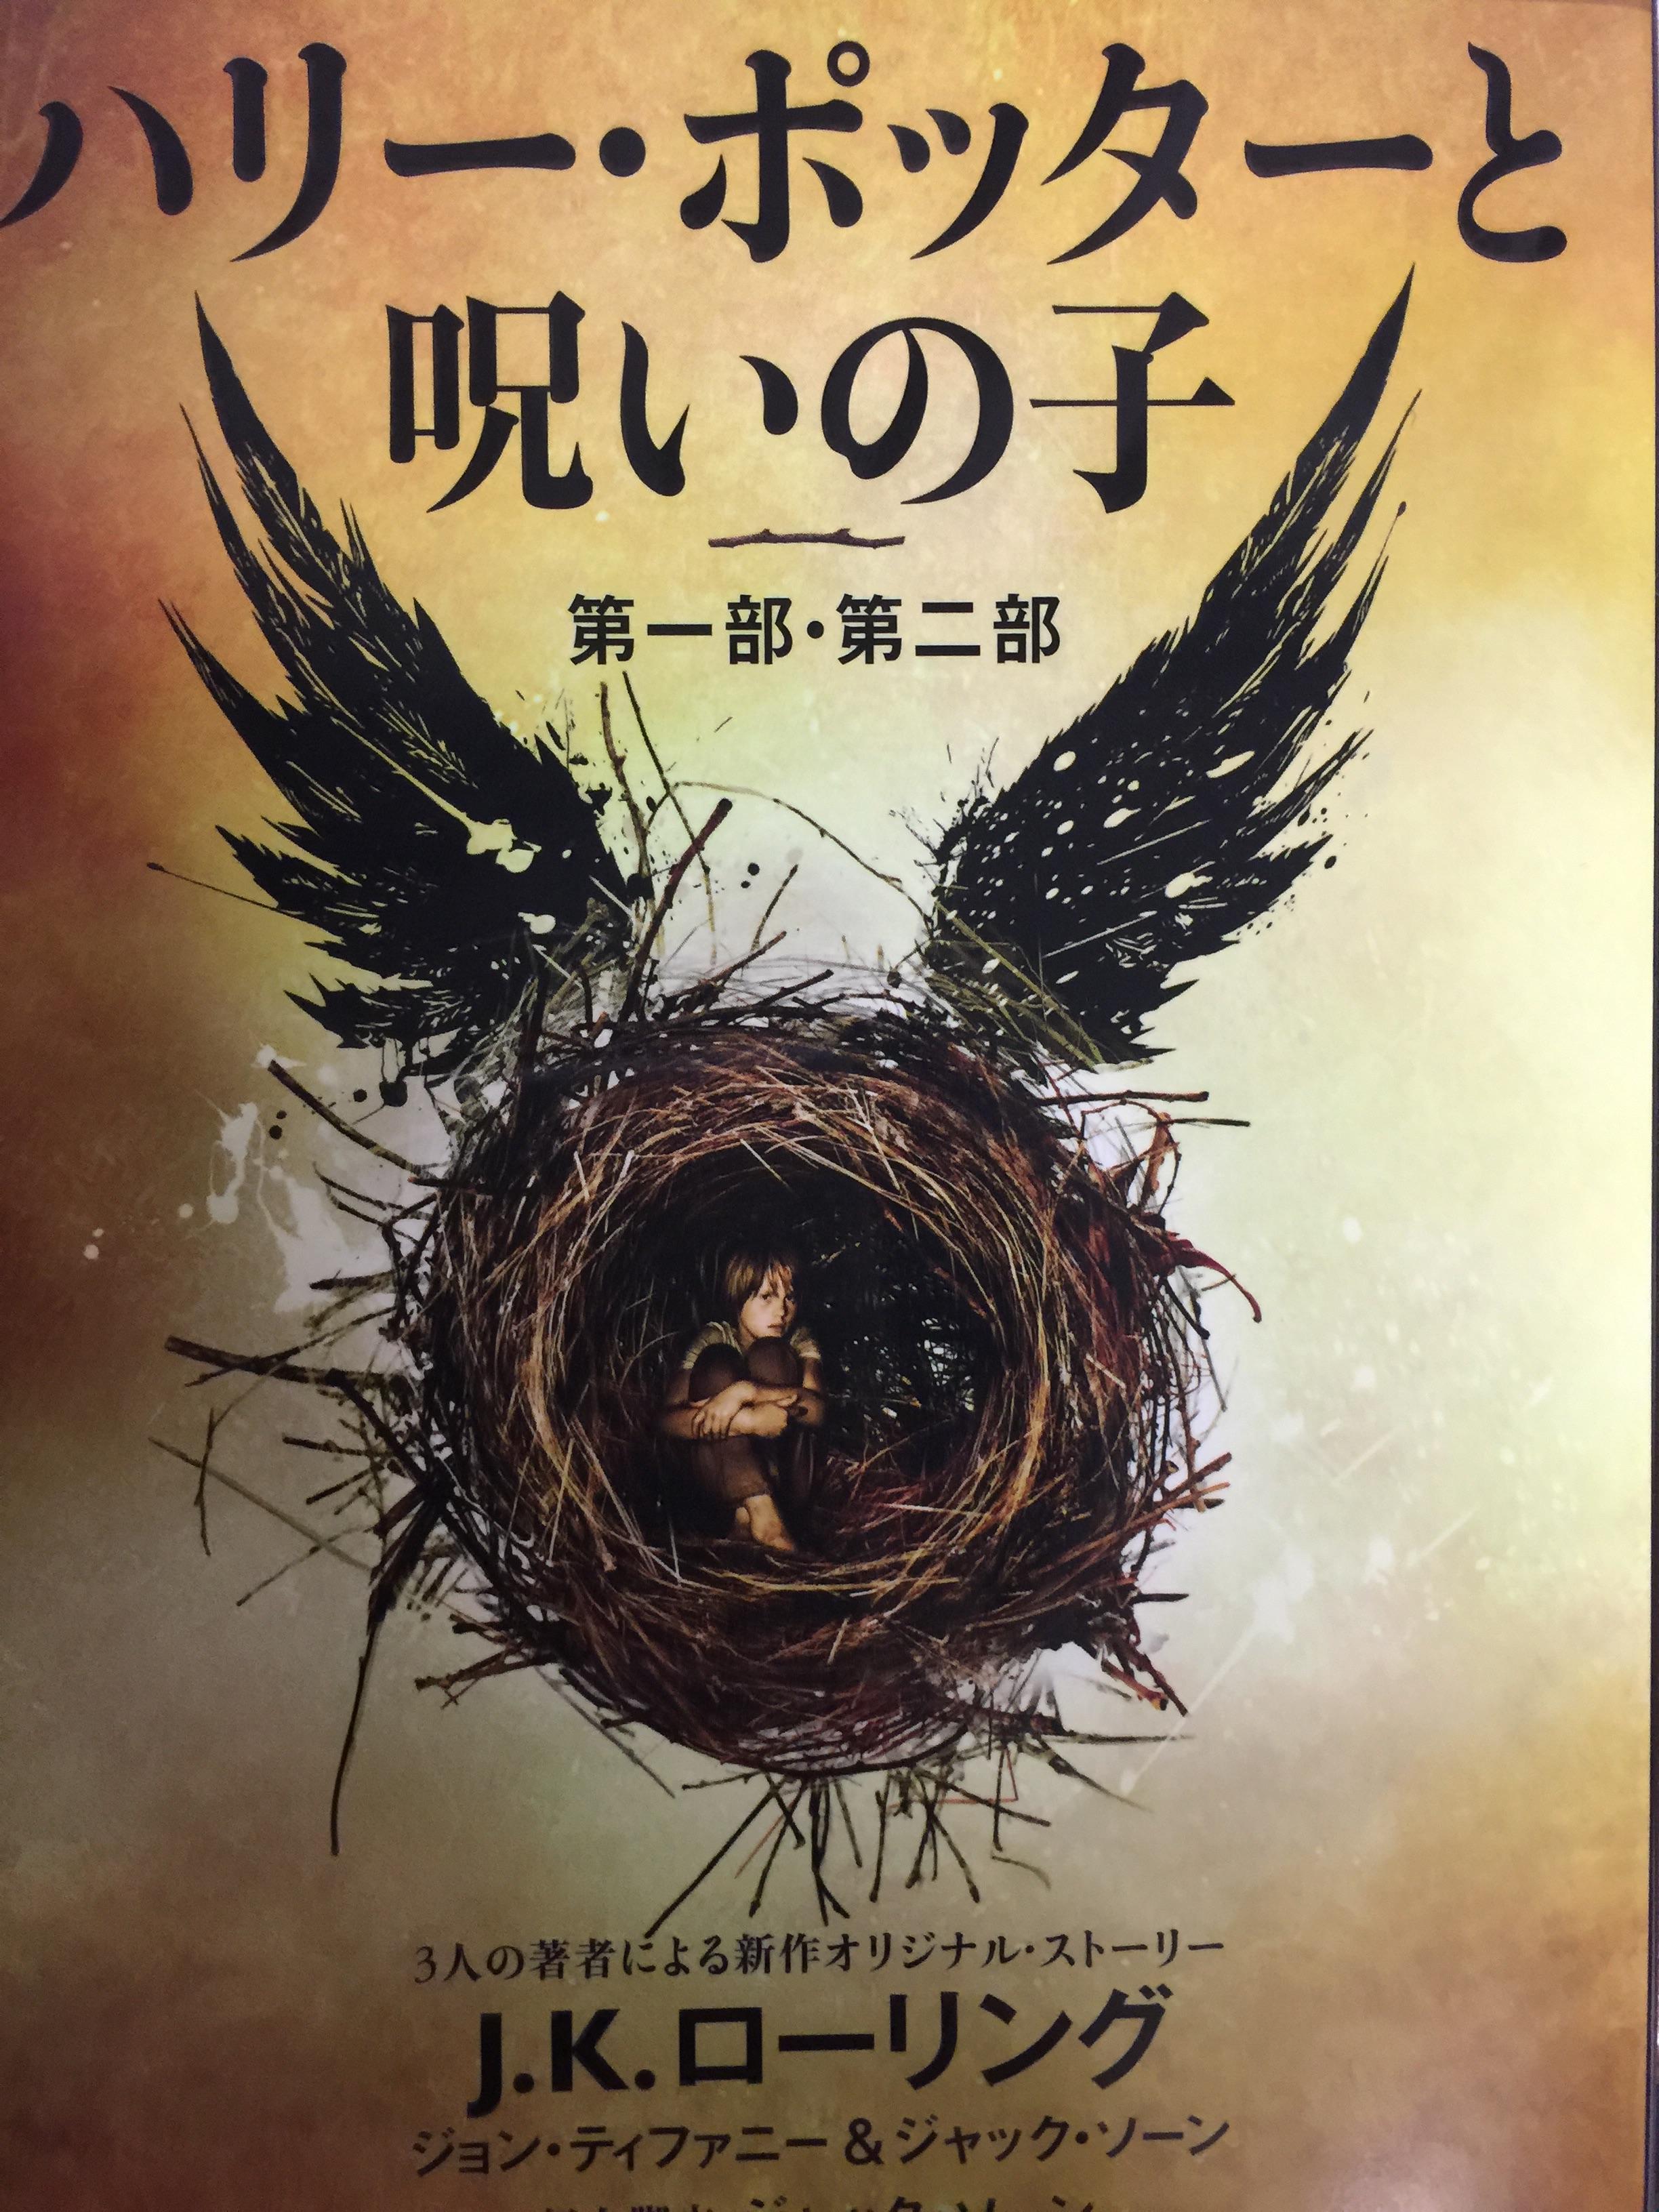 『ハリーポッタと呪いの子』 静山社 最新刊